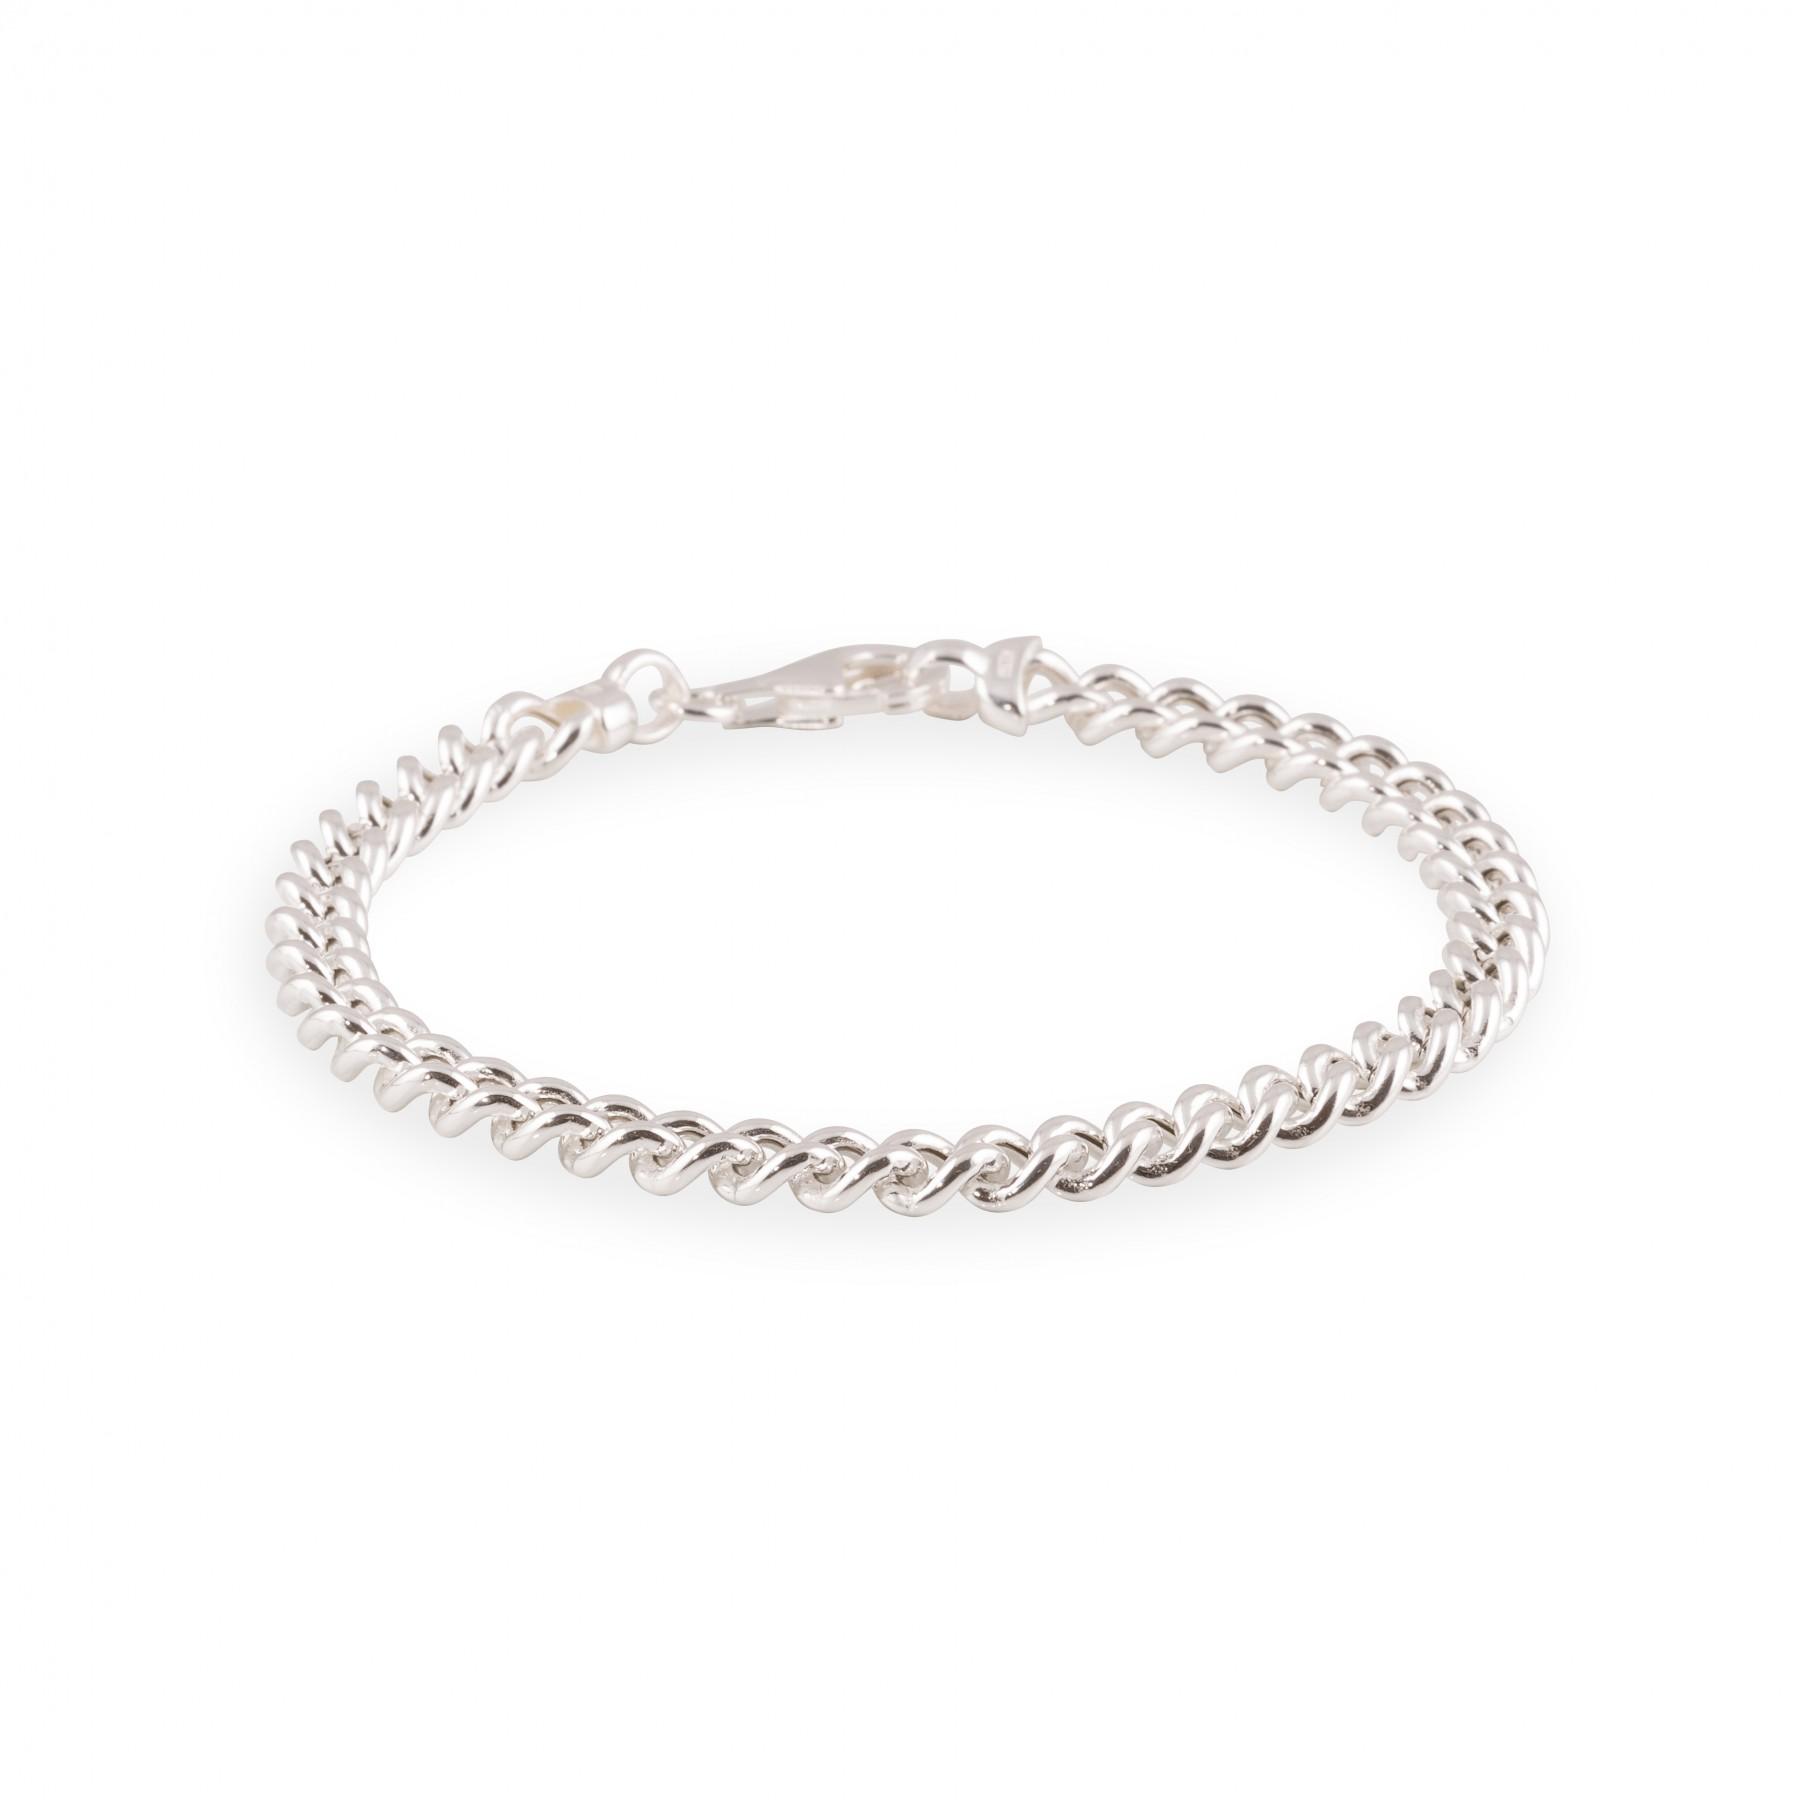 Zilveren schakelarmband best basics 19 cm - gourmetschakel - 5.5 mm 104.1250.19